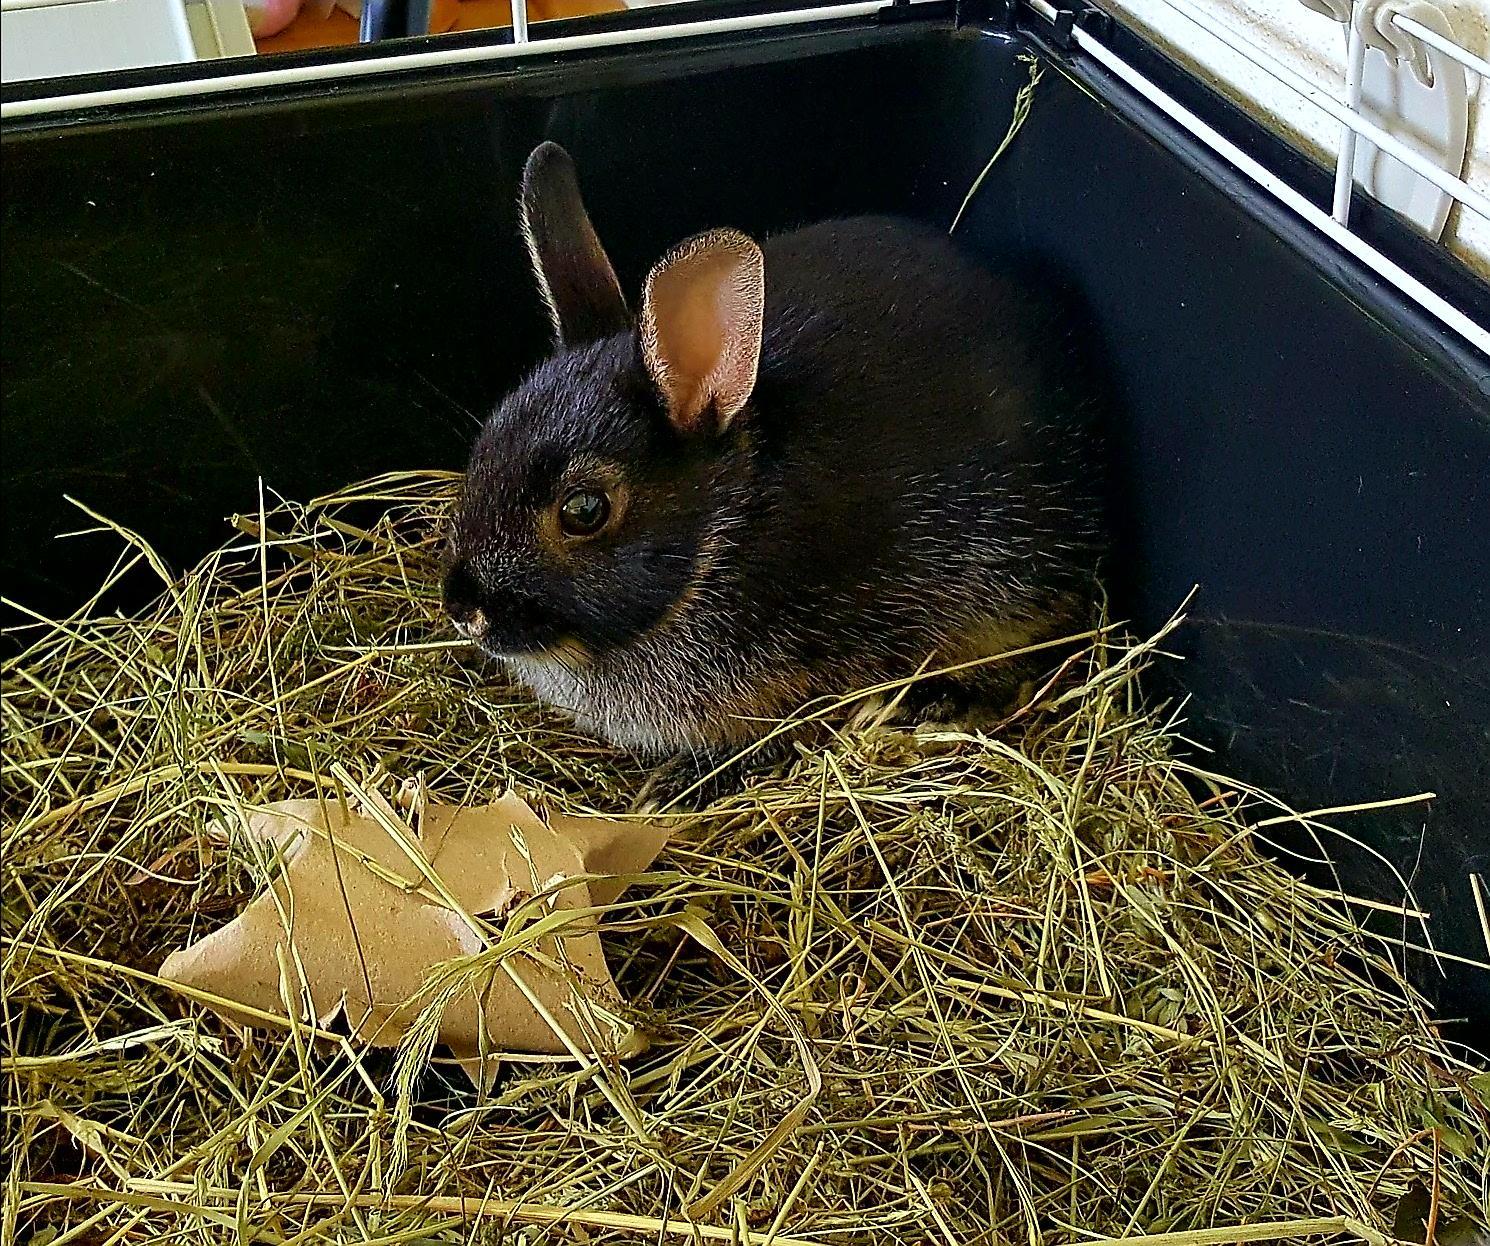 26.6.2020_naše králičí 🐇 slečna.. první minuty doma - Obrázek č. 1